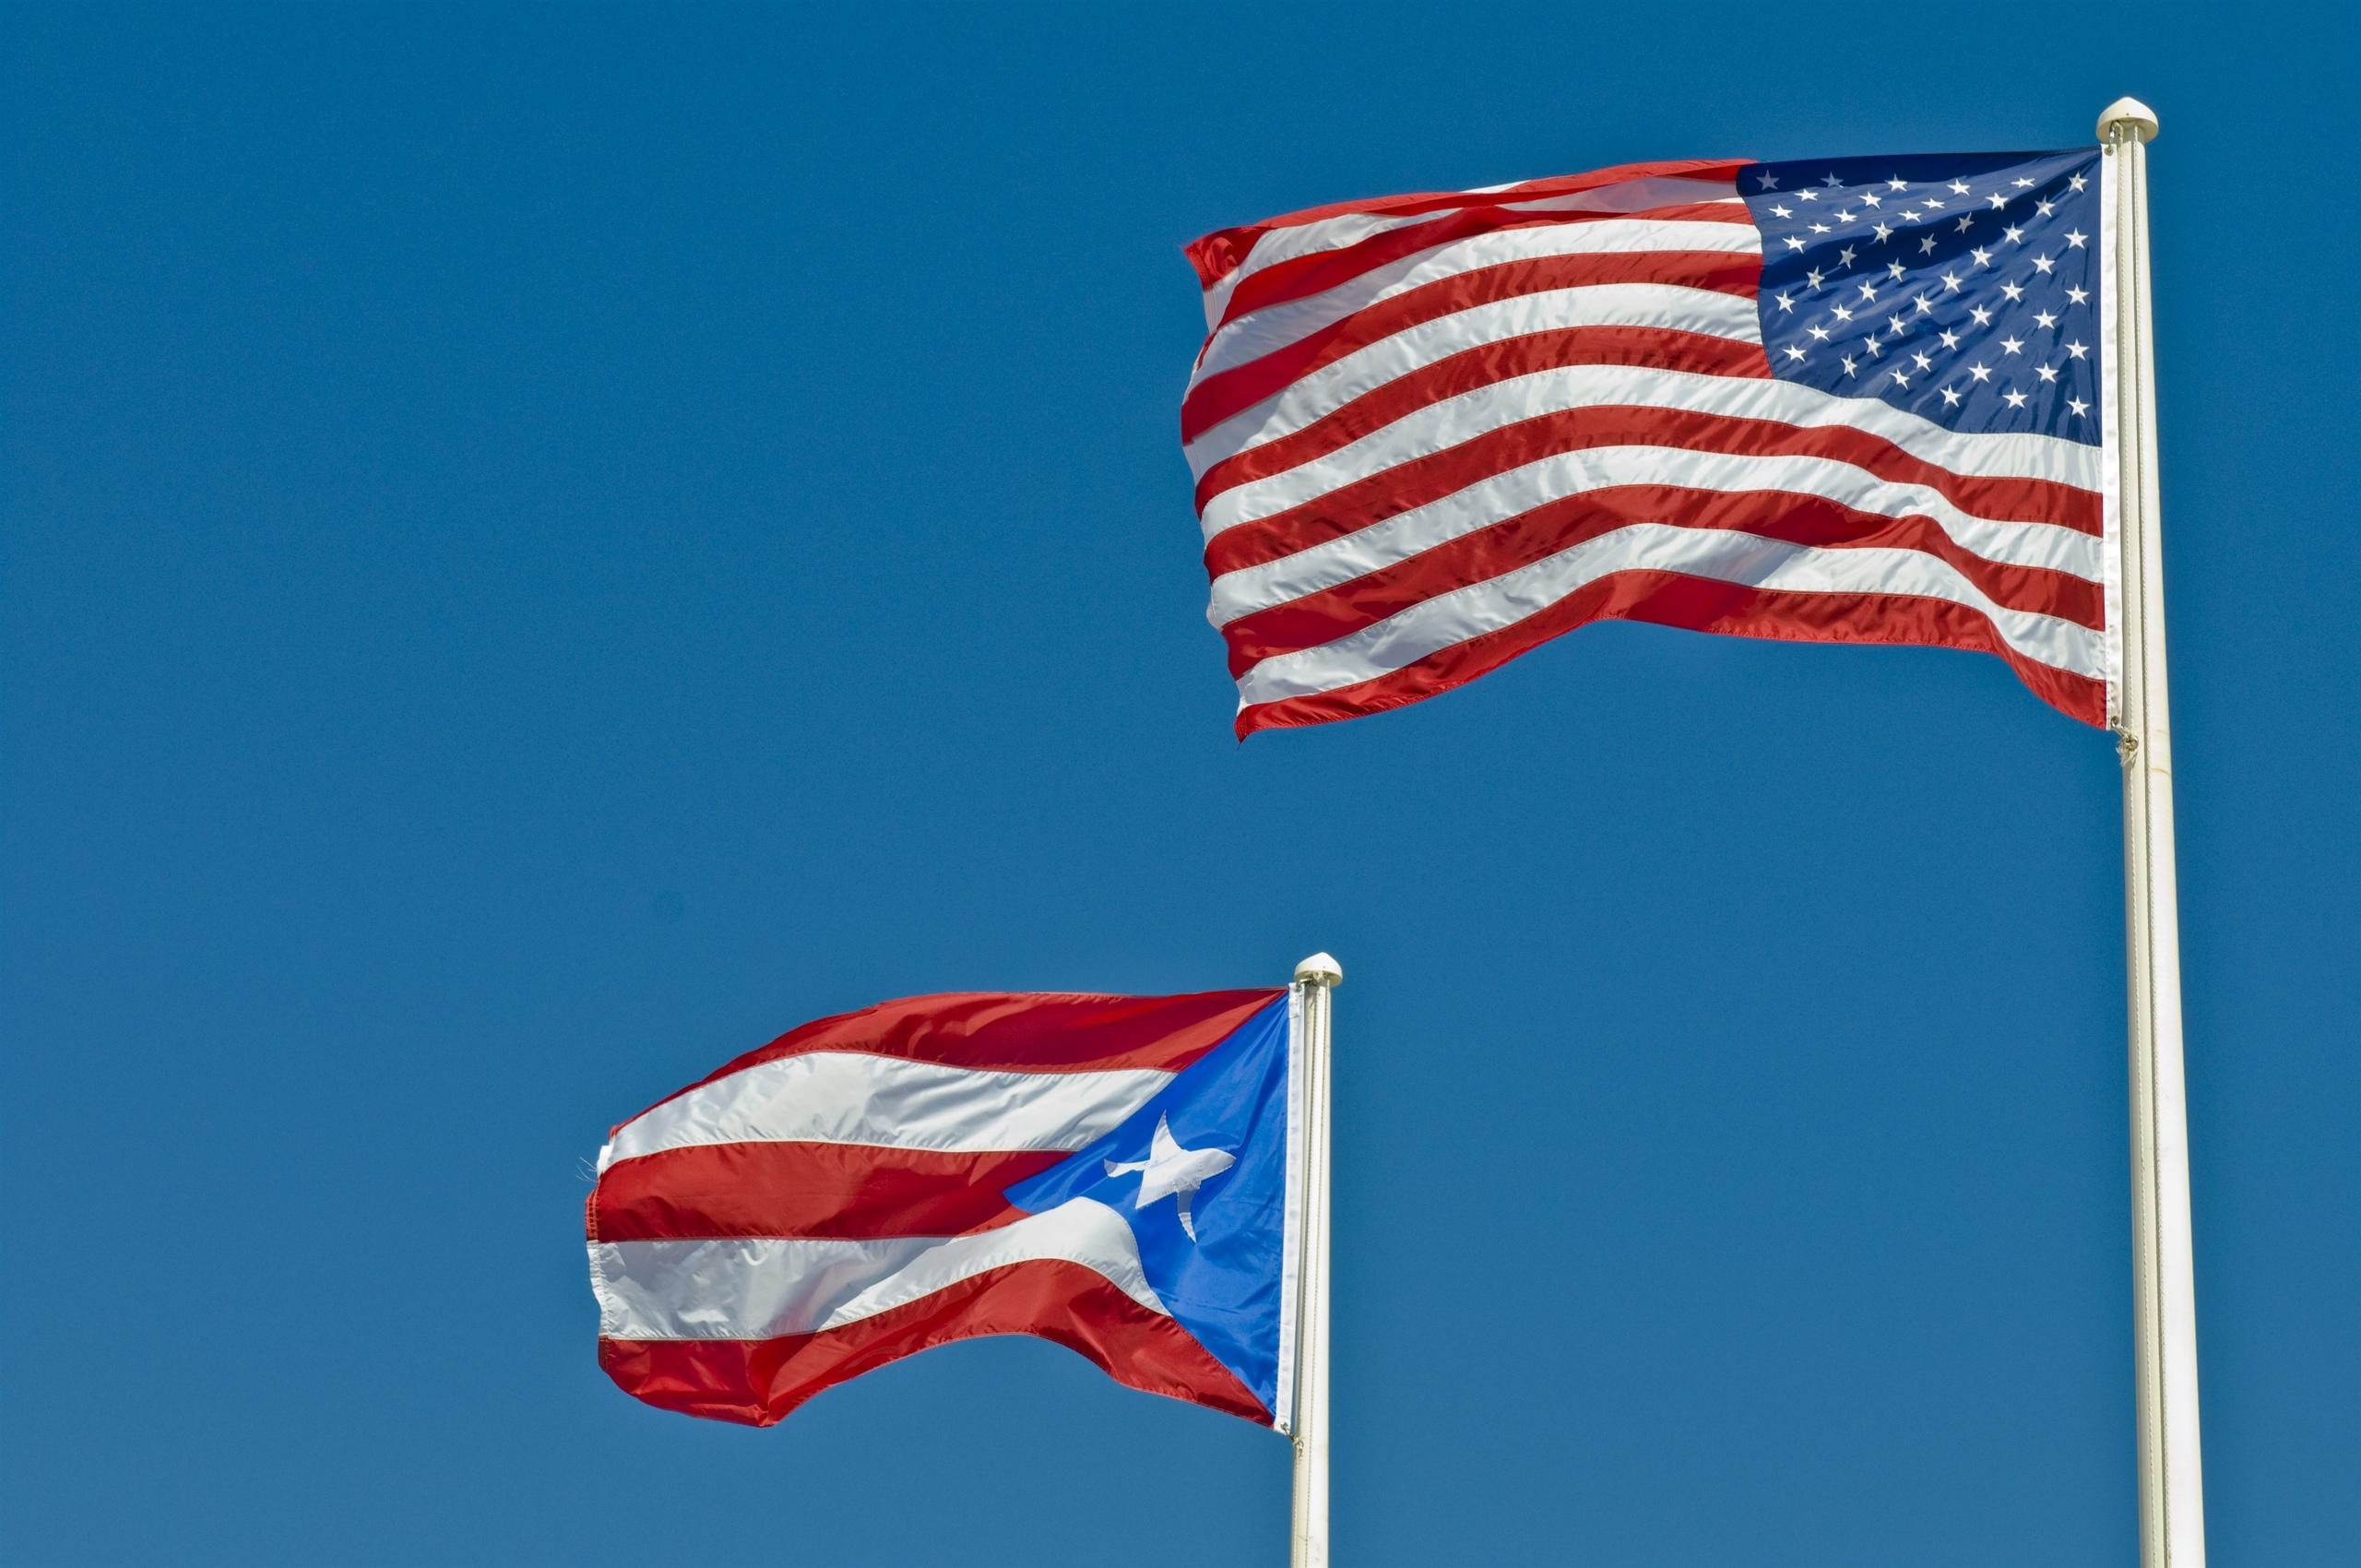 В конгресс внесли законопроект о принятии в США 51-го штата